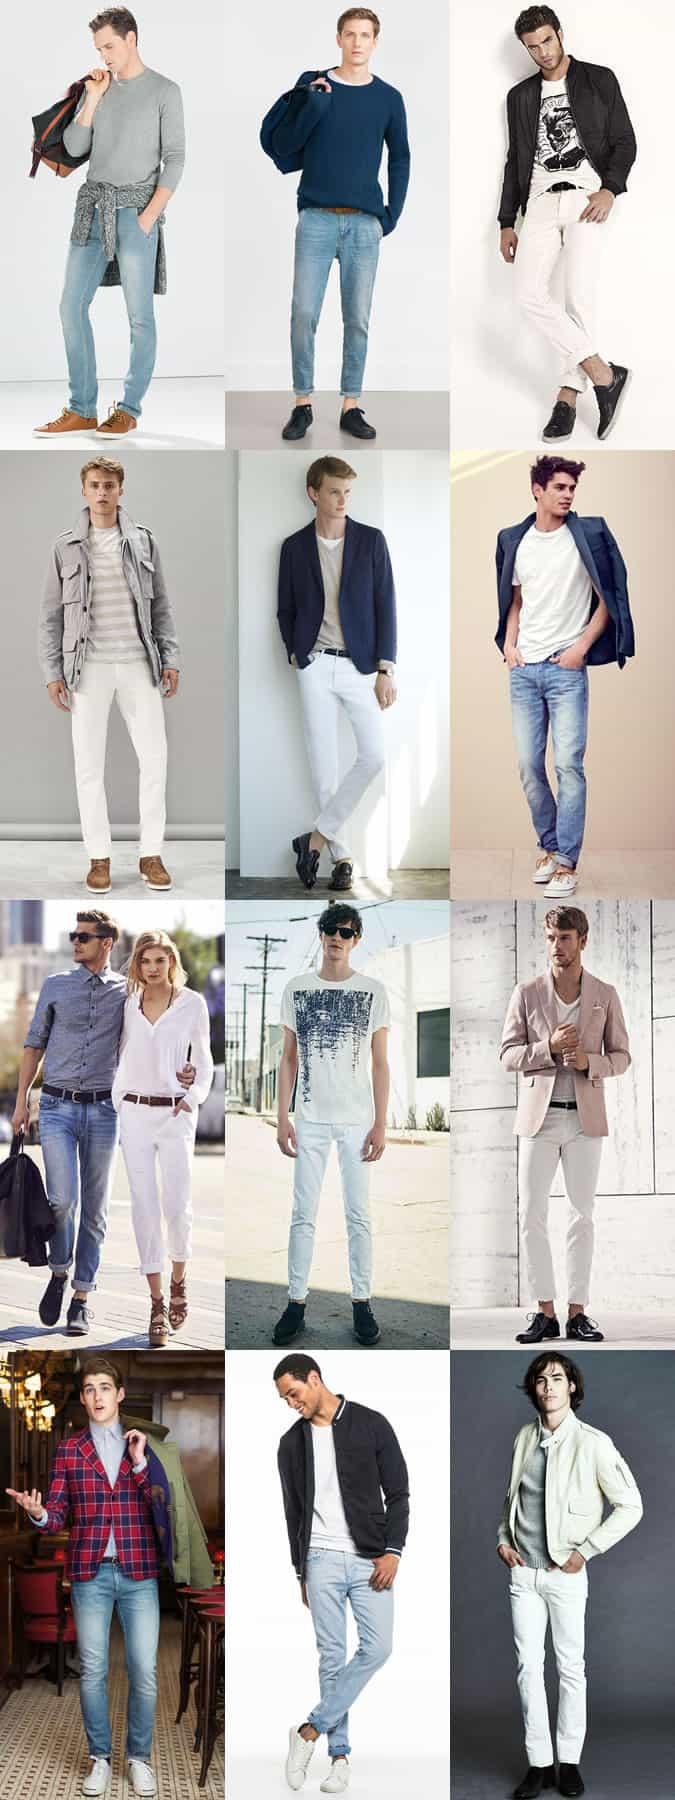 Lookbook Inspiration pour hommes en délavage clair et jeans blancs